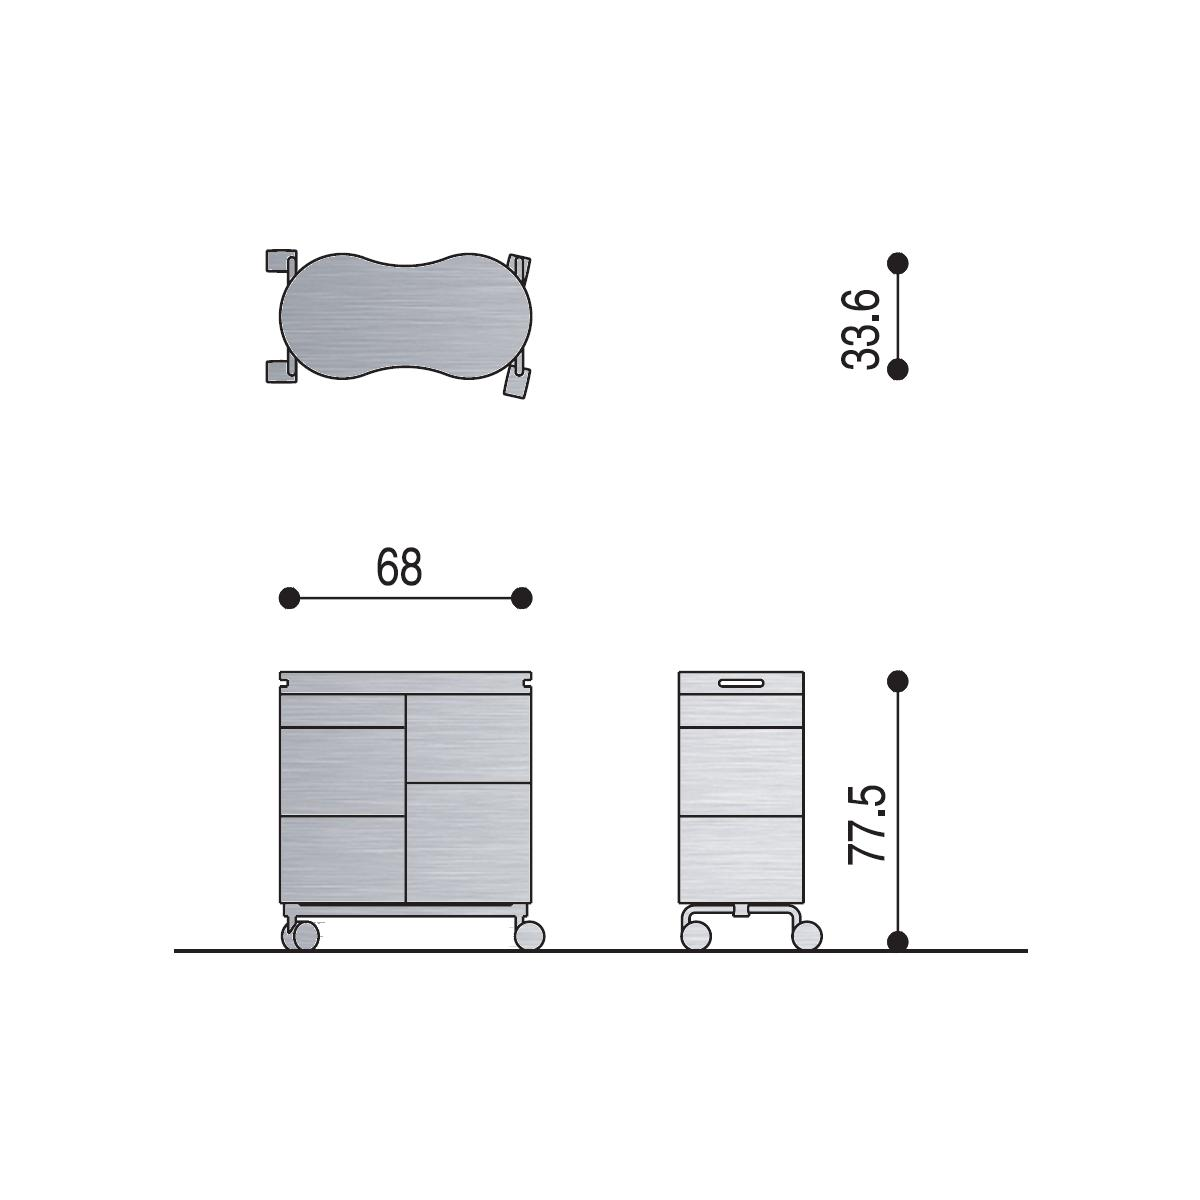 BITTE ROLL Rollcontainer technische Details